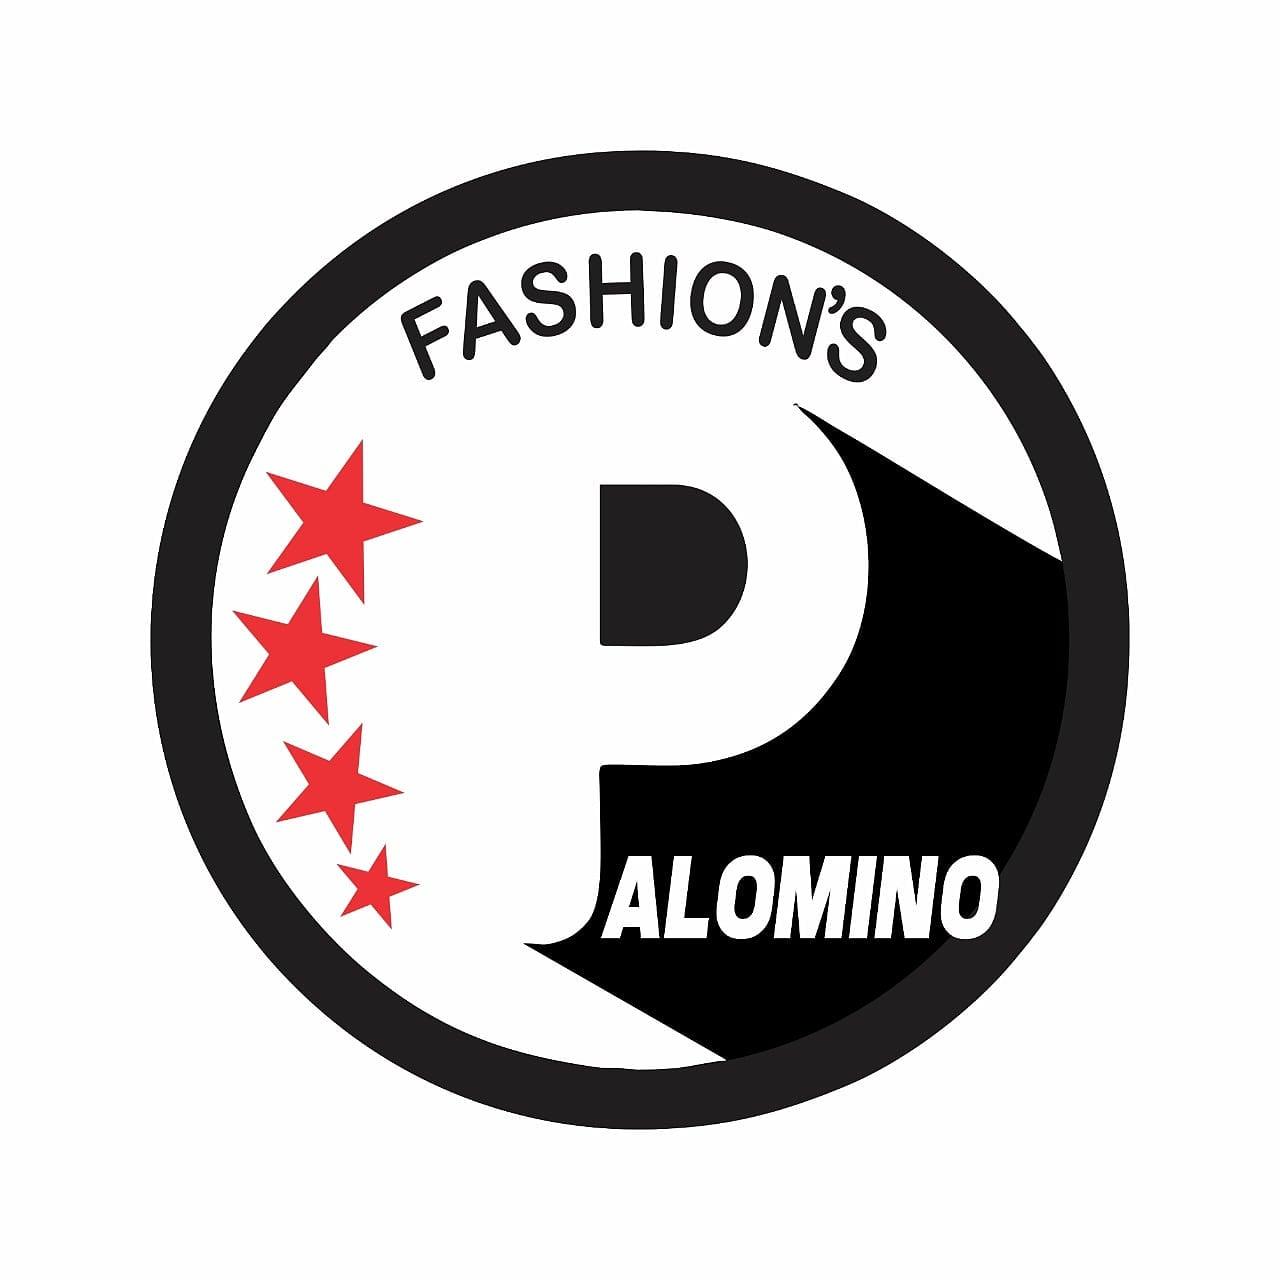 PALOMINO FASHION